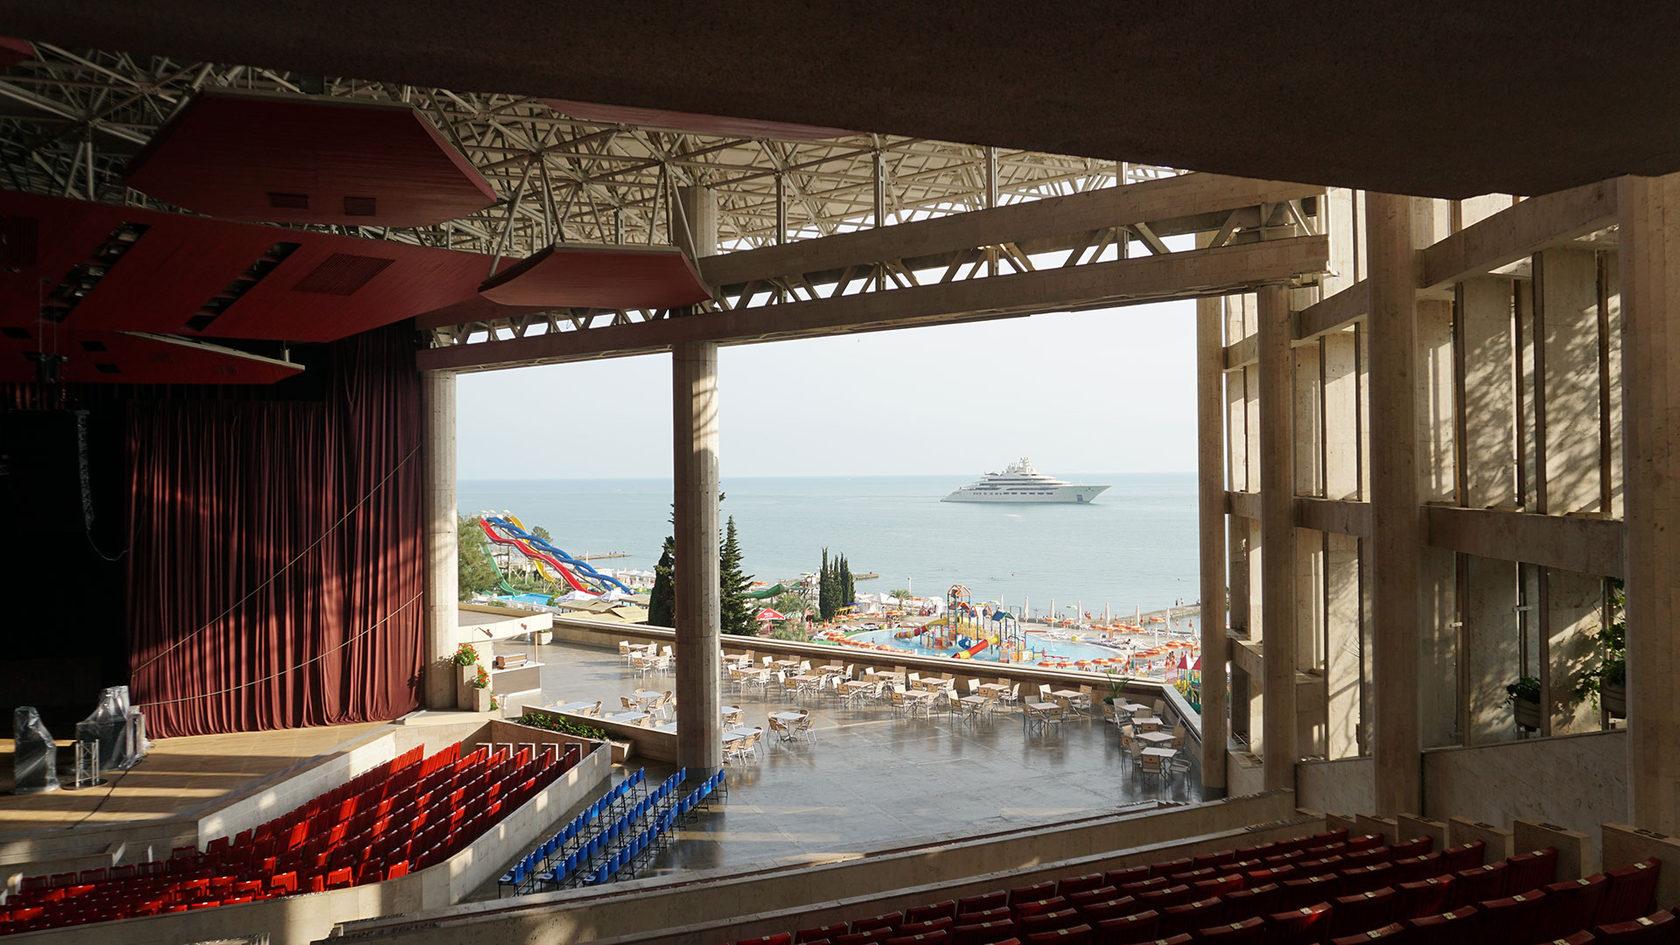 фестивальный концертный зал сочи фото зала рассорить